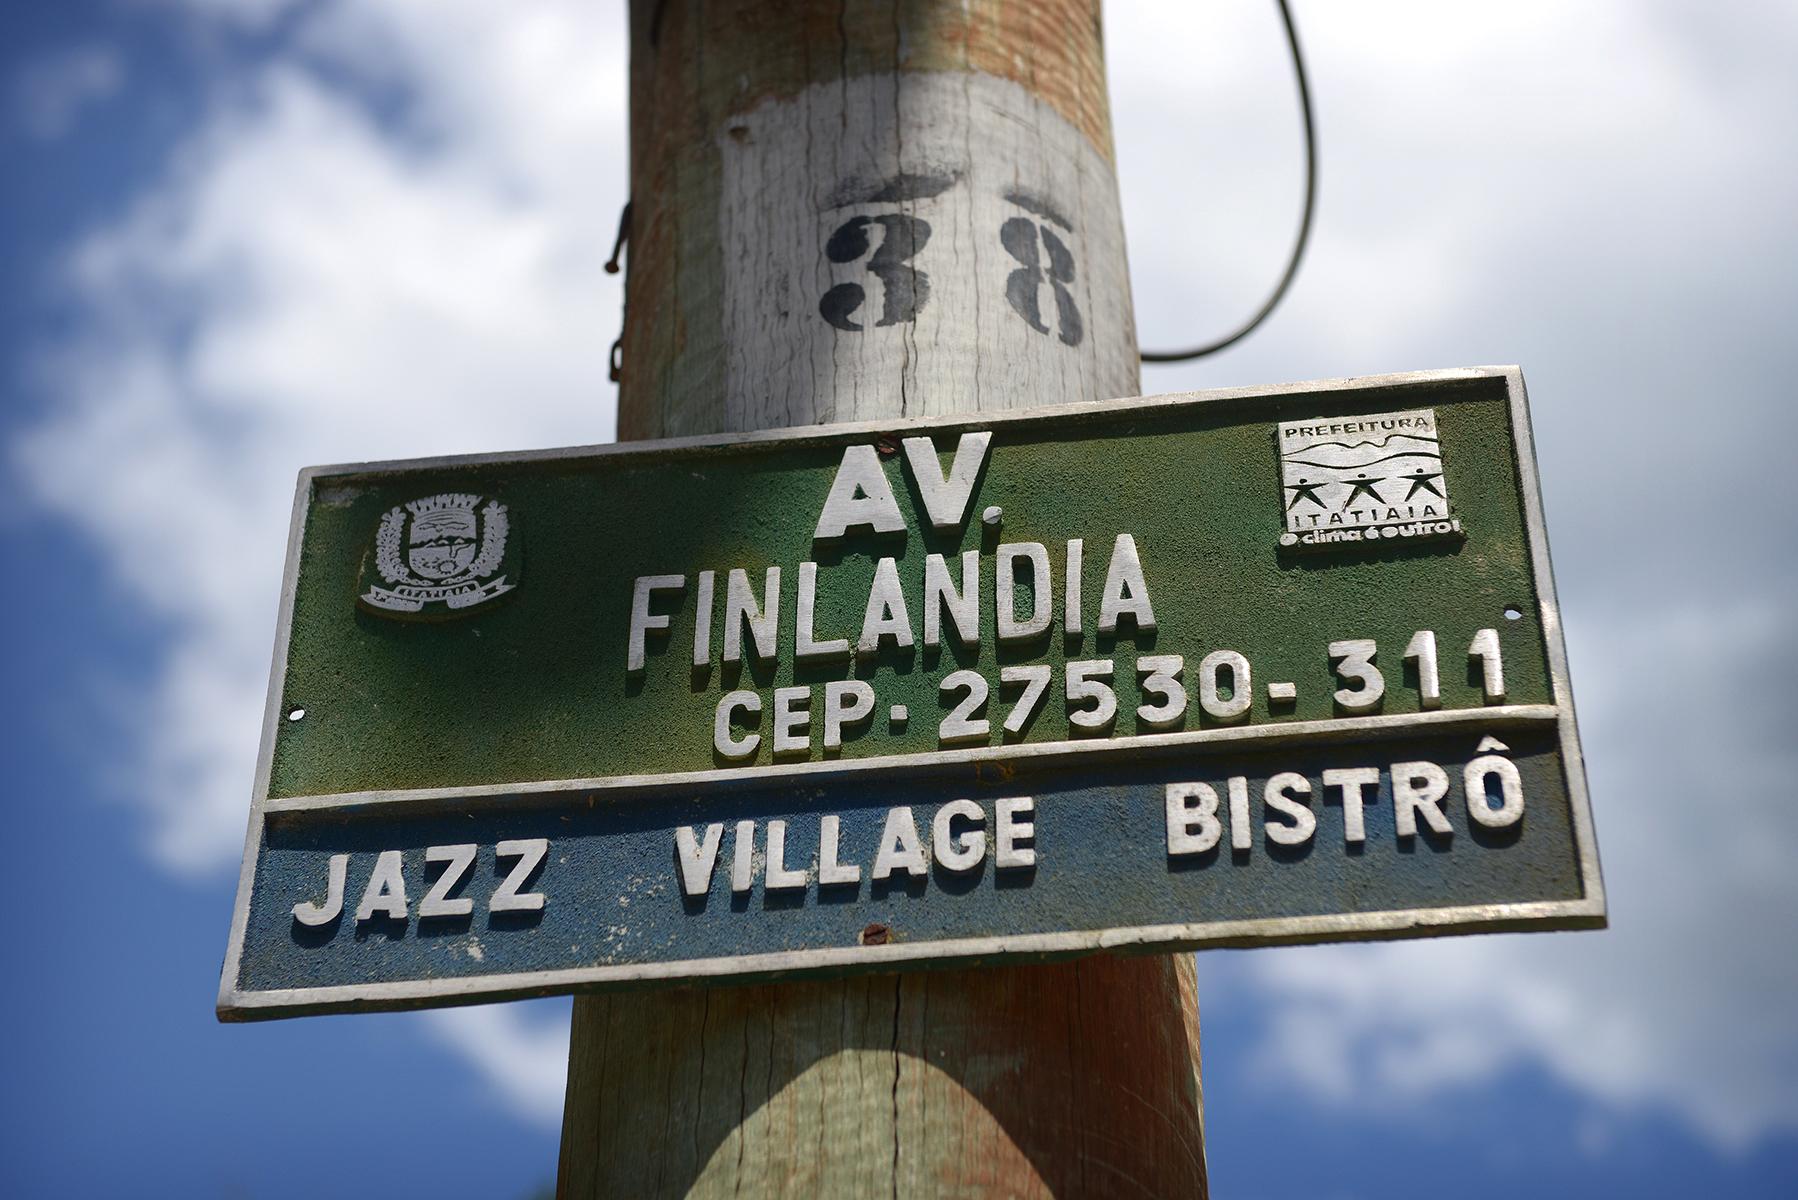 Brasilia, Penedo, suomikylä, Pikku-Suomi, turistikylä, ulkosuomalaisuus, matka, matkablogi, reissu, matkailu, katukyltti